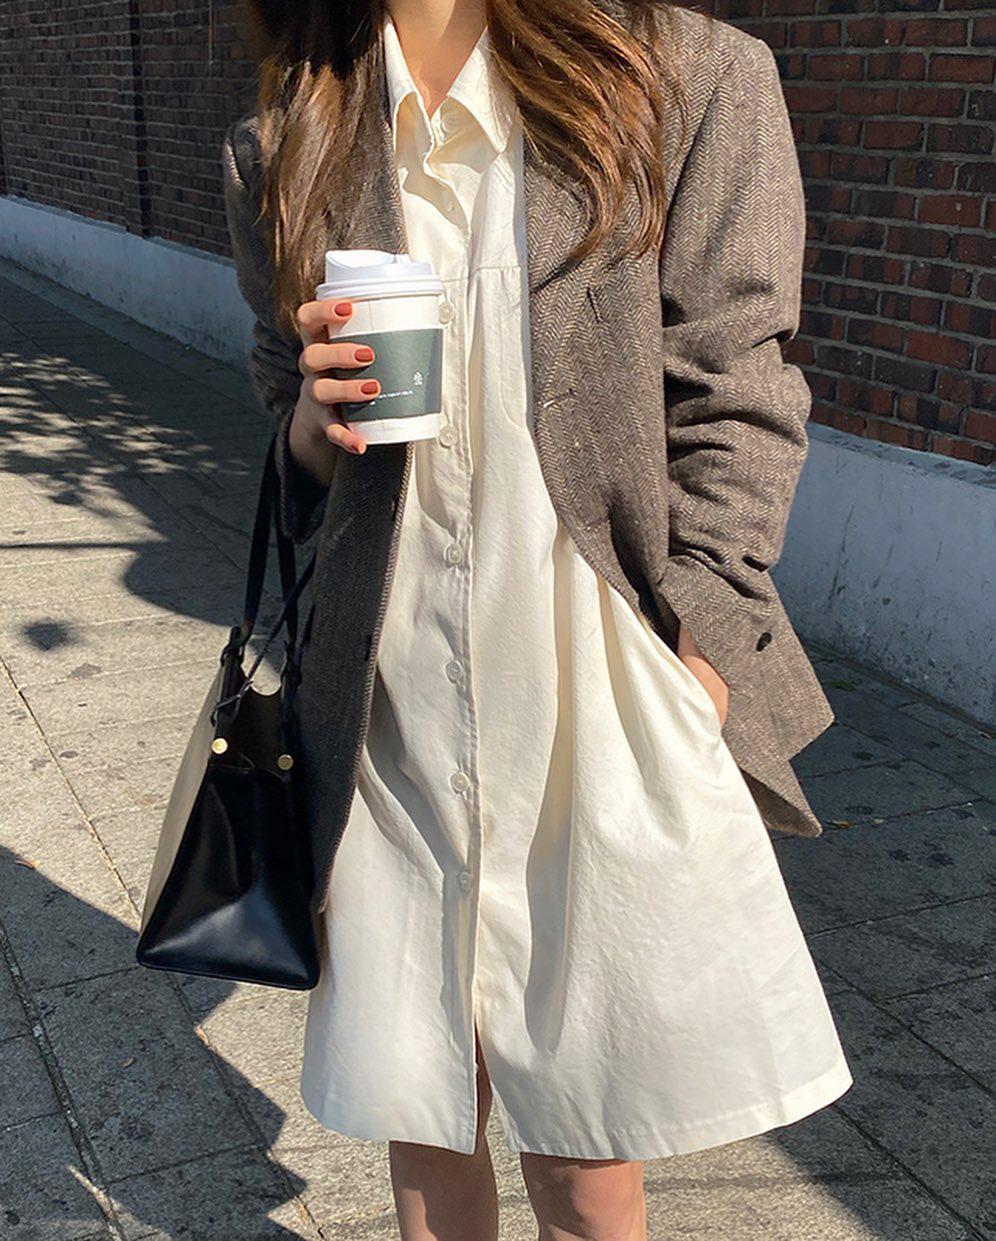 Gái Hàn mặc blazer trông sang chảnh chứ không hề già, các nàng học ngay 10 công thức để có set đồ trendy không cần hỏi - Ảnh 6.